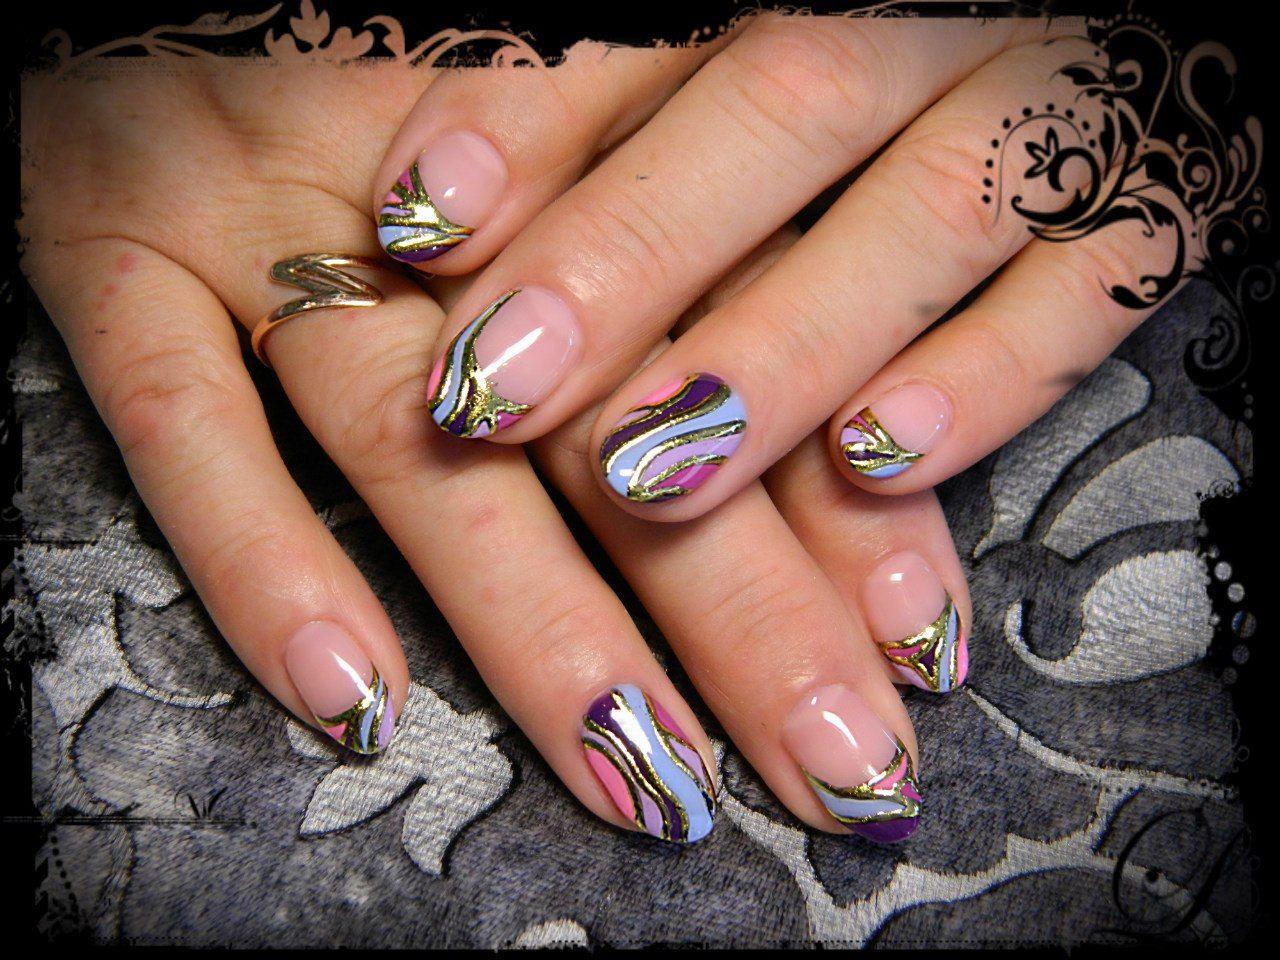 хочу рассказать дизайн ногтей абстракция фото манчестера содержит подробную